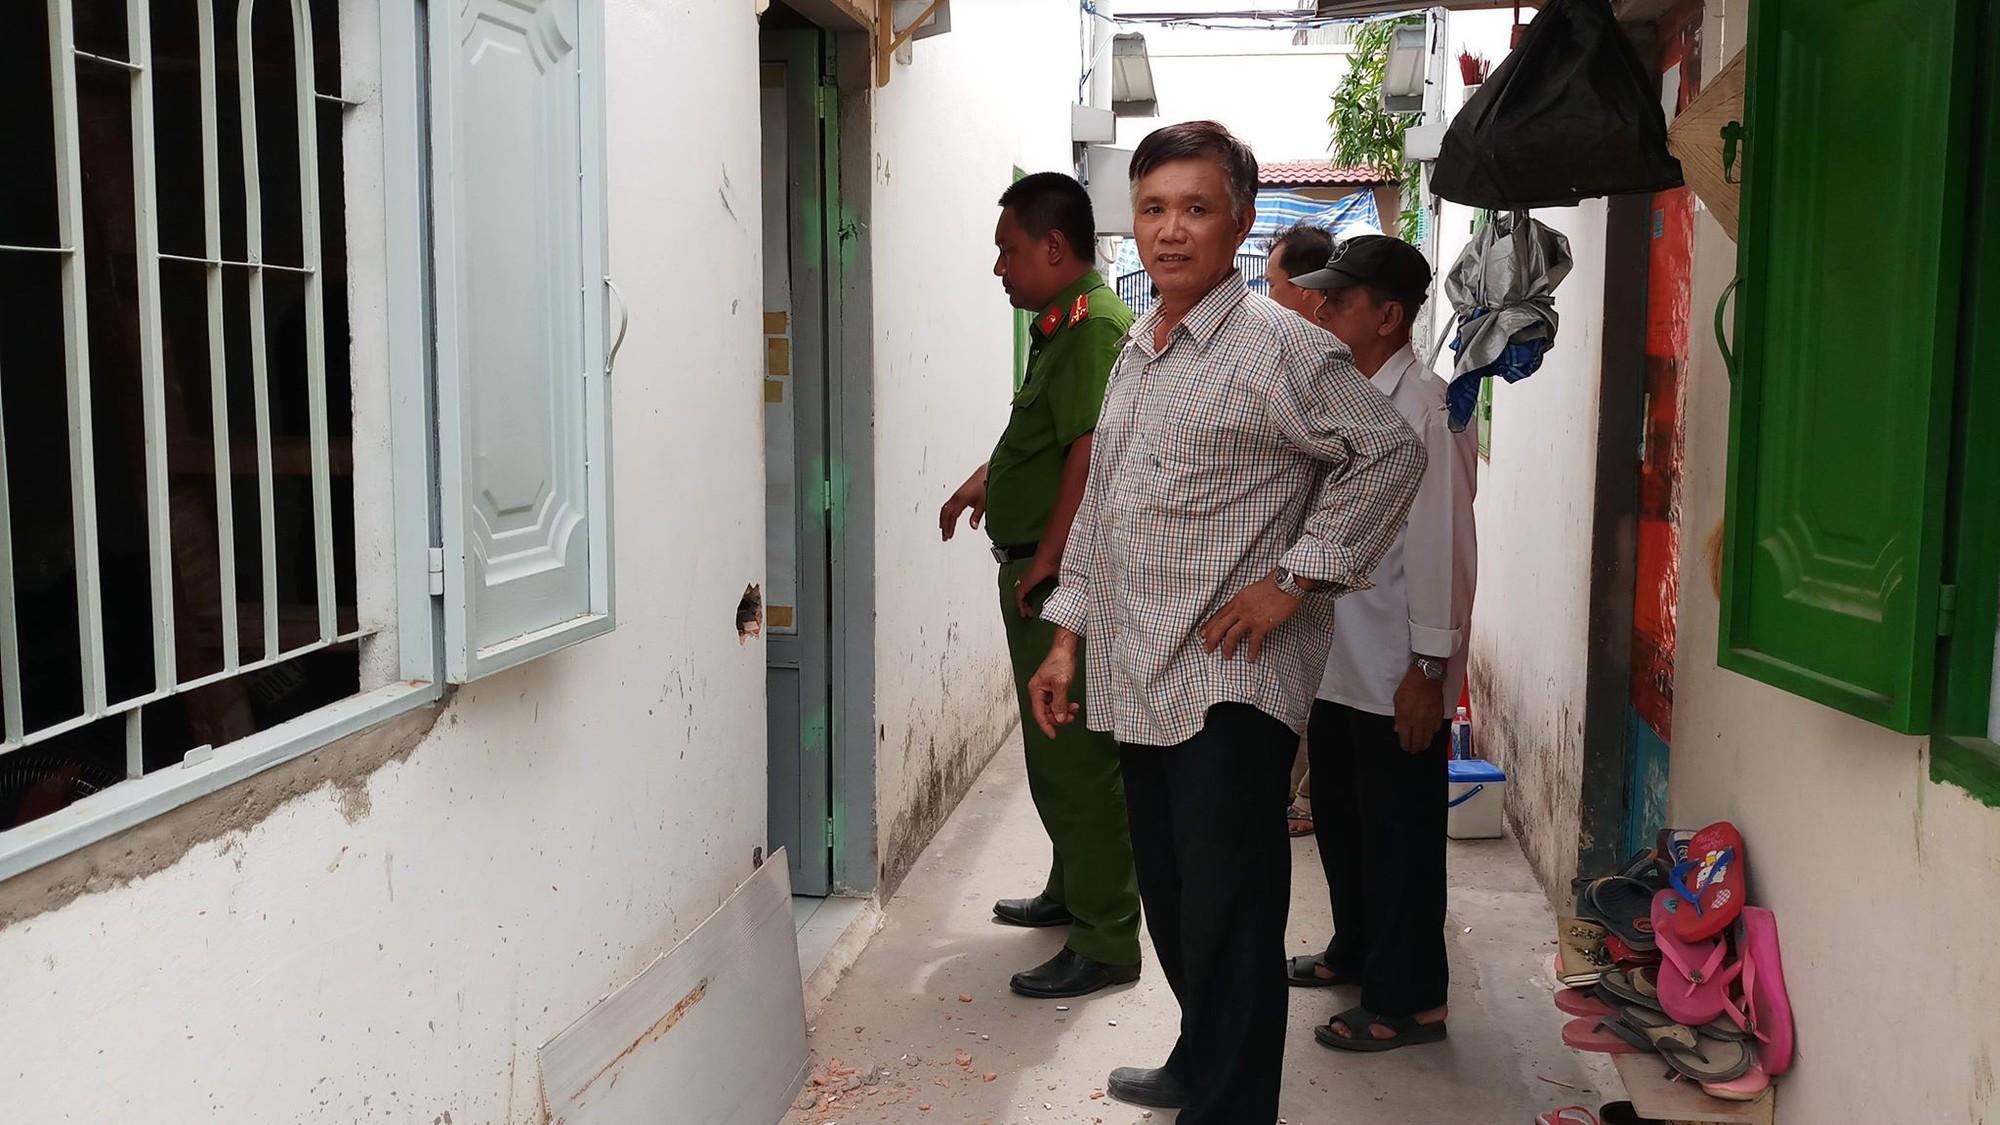 Người đàn ông tử vong bất thường trong phòng trọ khoá trái cửa ở Sài Gòn - Ảnh 1.